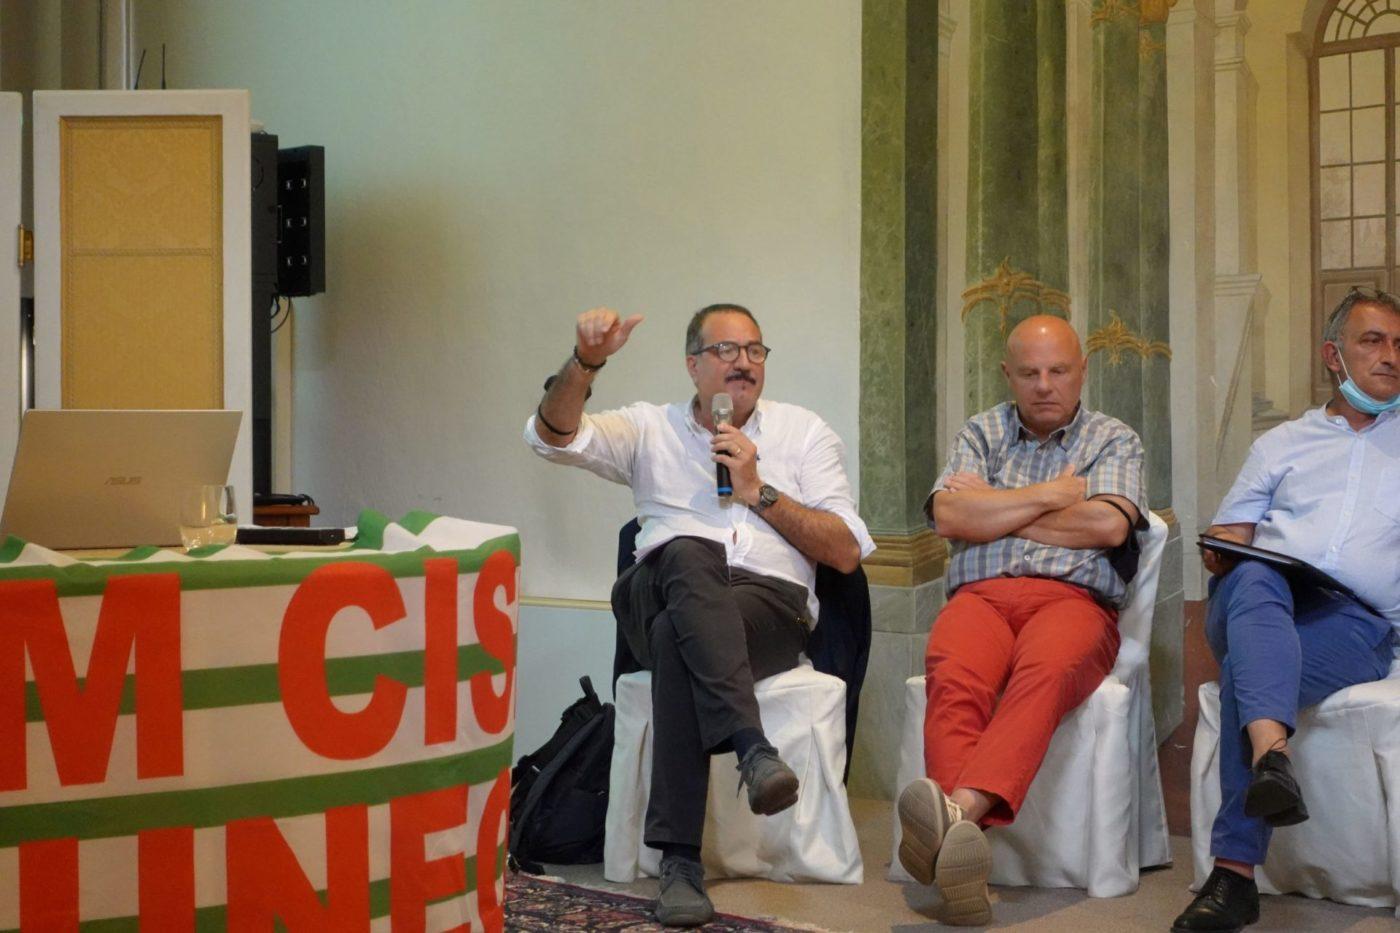 L'intervento del segretario generale della Cisl Cune al direttivo della Fim di Cuneo